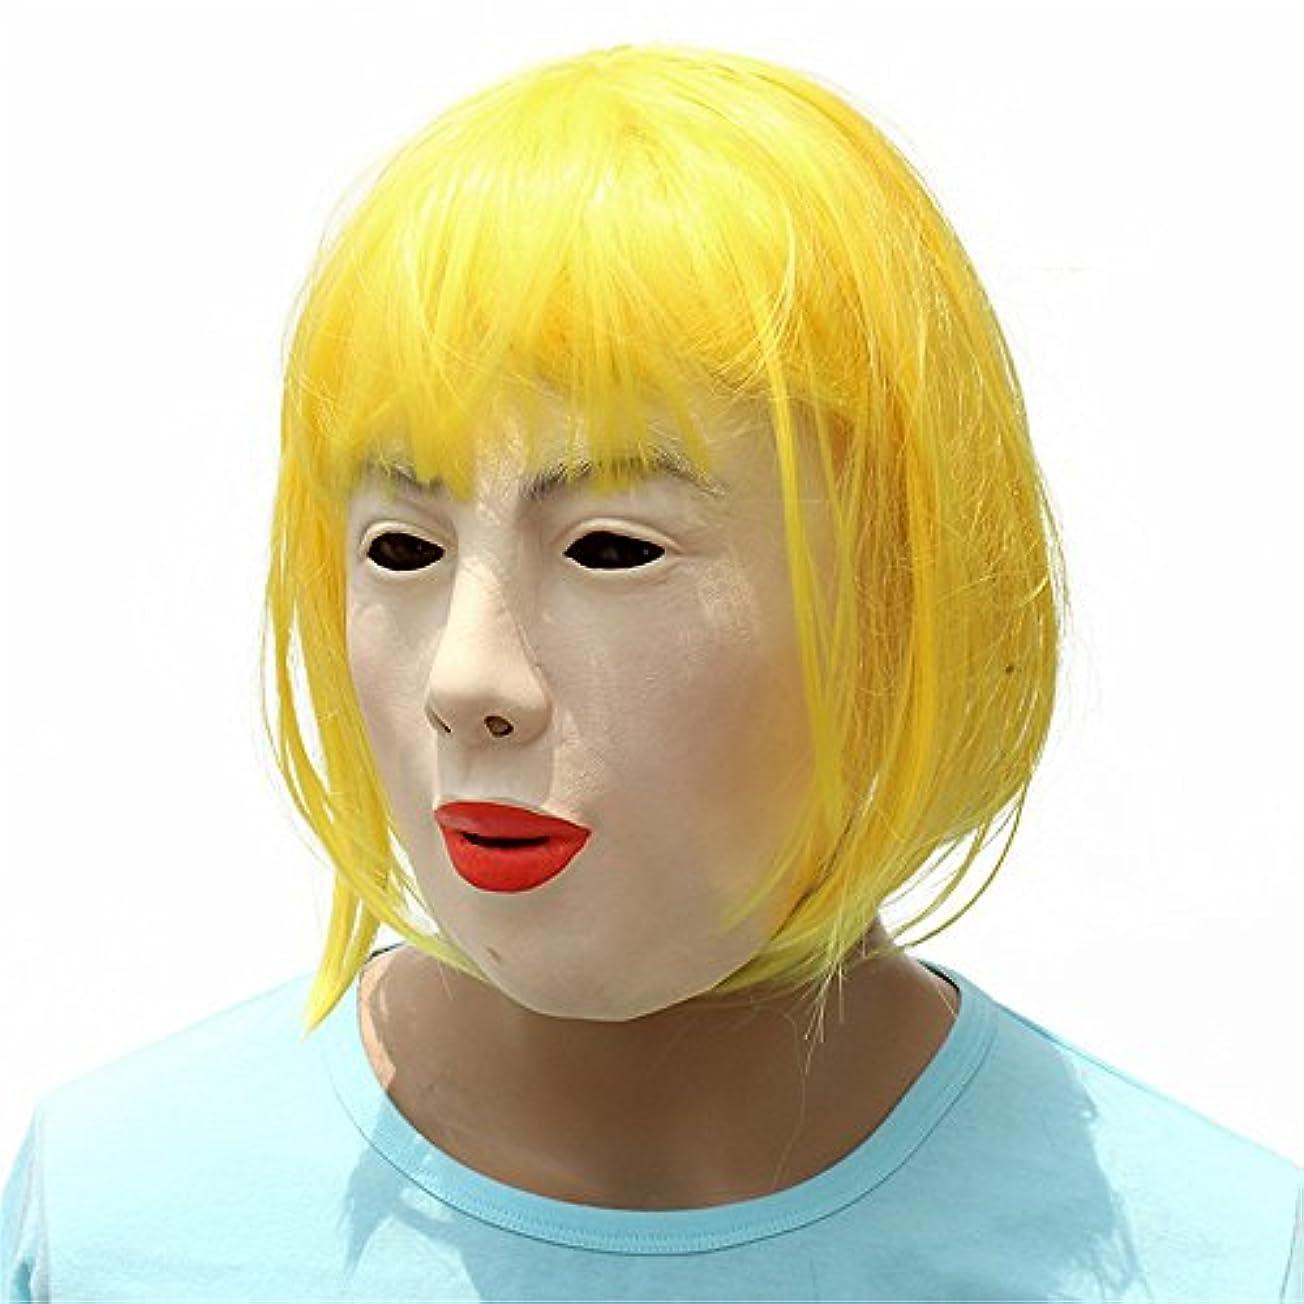 妻太いほんのハロウィーンホリデーパーティー金髪シミュレーション美容ラテックスマスク